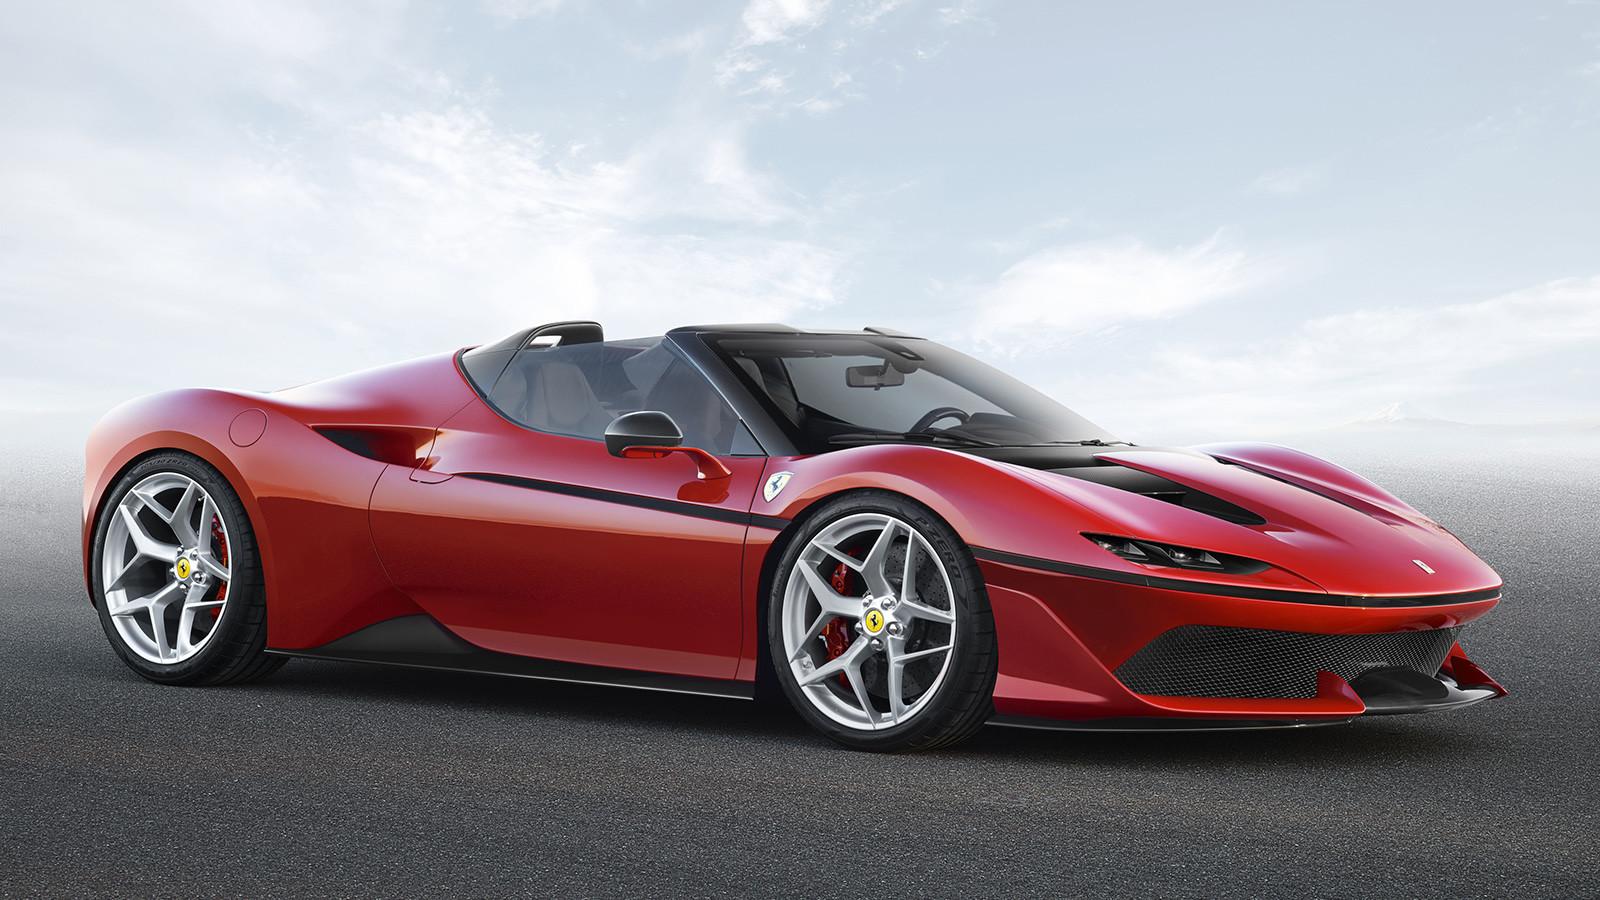 Феррари неожиданно представила новый суперкар